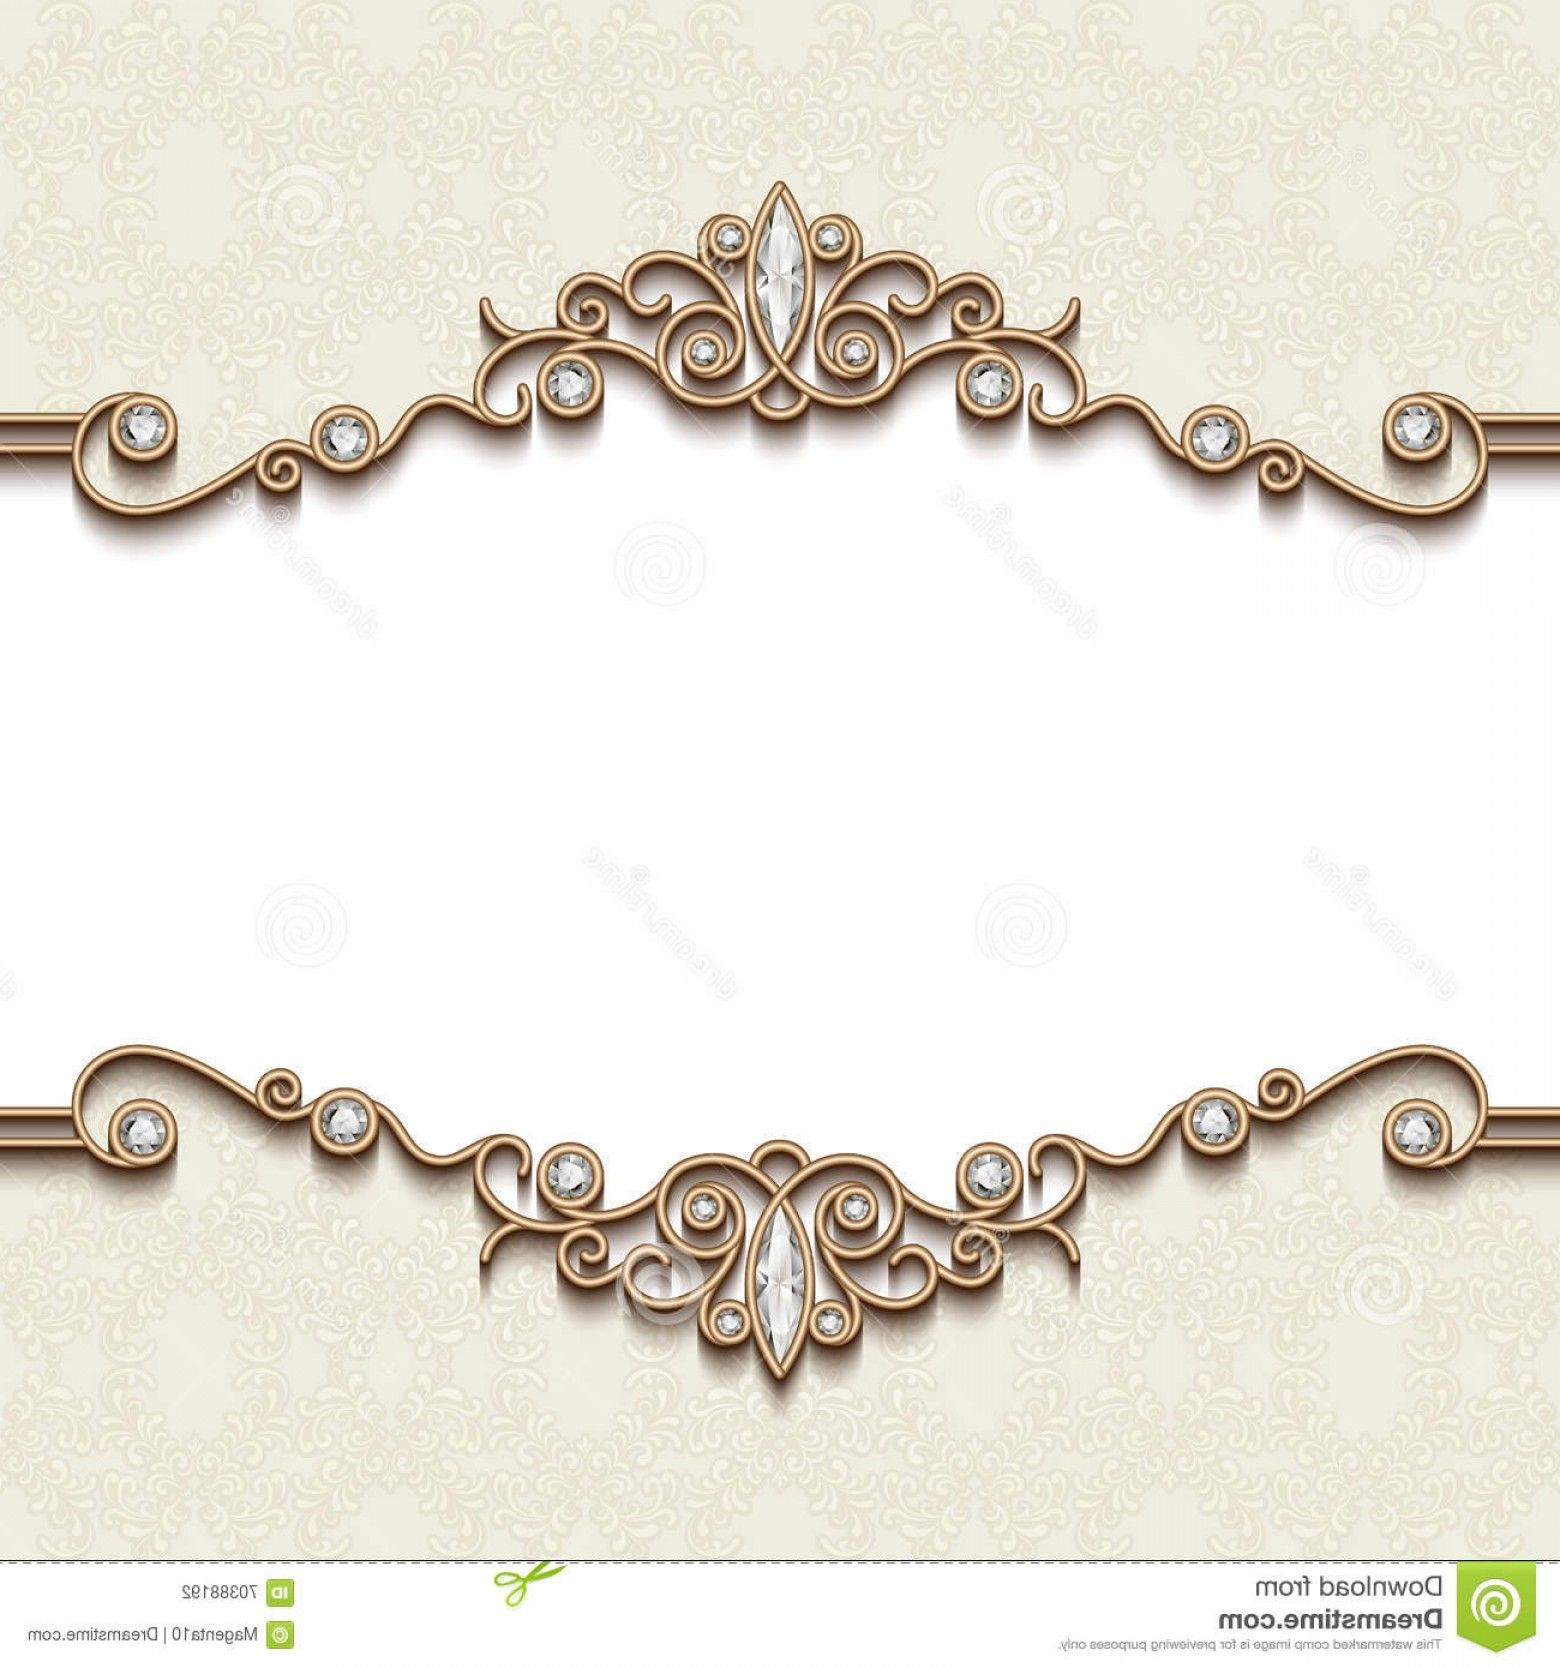 Elegant Gold Jewelry Stock Illustration Gold Jewelry Frame Vintage White Divider Element Elegant Backgr Background Vintage Floral Border Design Diamond Vector